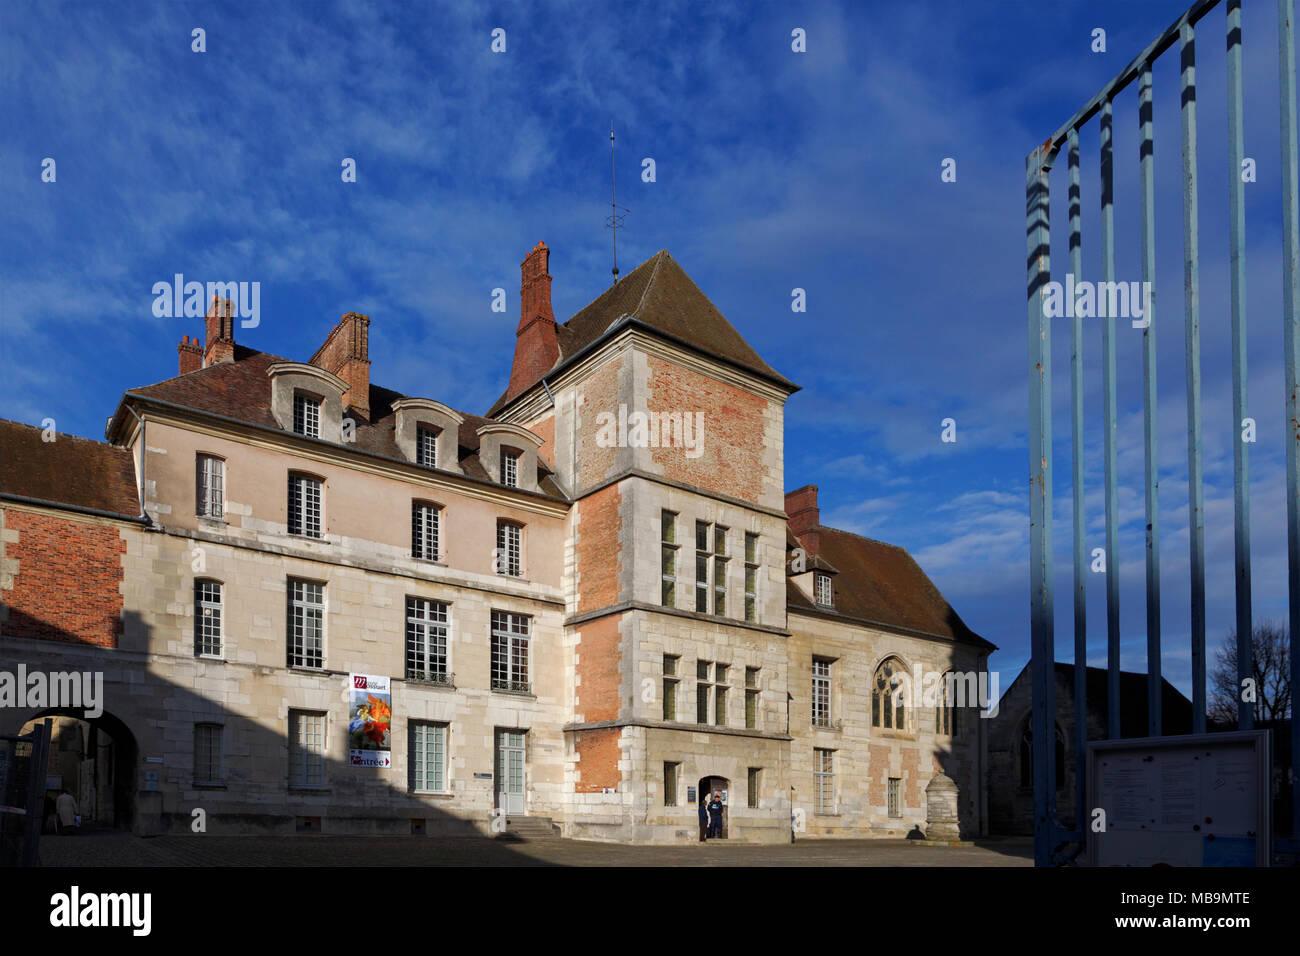 The Episcopal Palace, now The Bossuet Museum, Meaux, Seine-et-Marne, Île-de-France, near Paris, France, attached to Cathedrale Saint-Etienne, Meaux - Stock Image